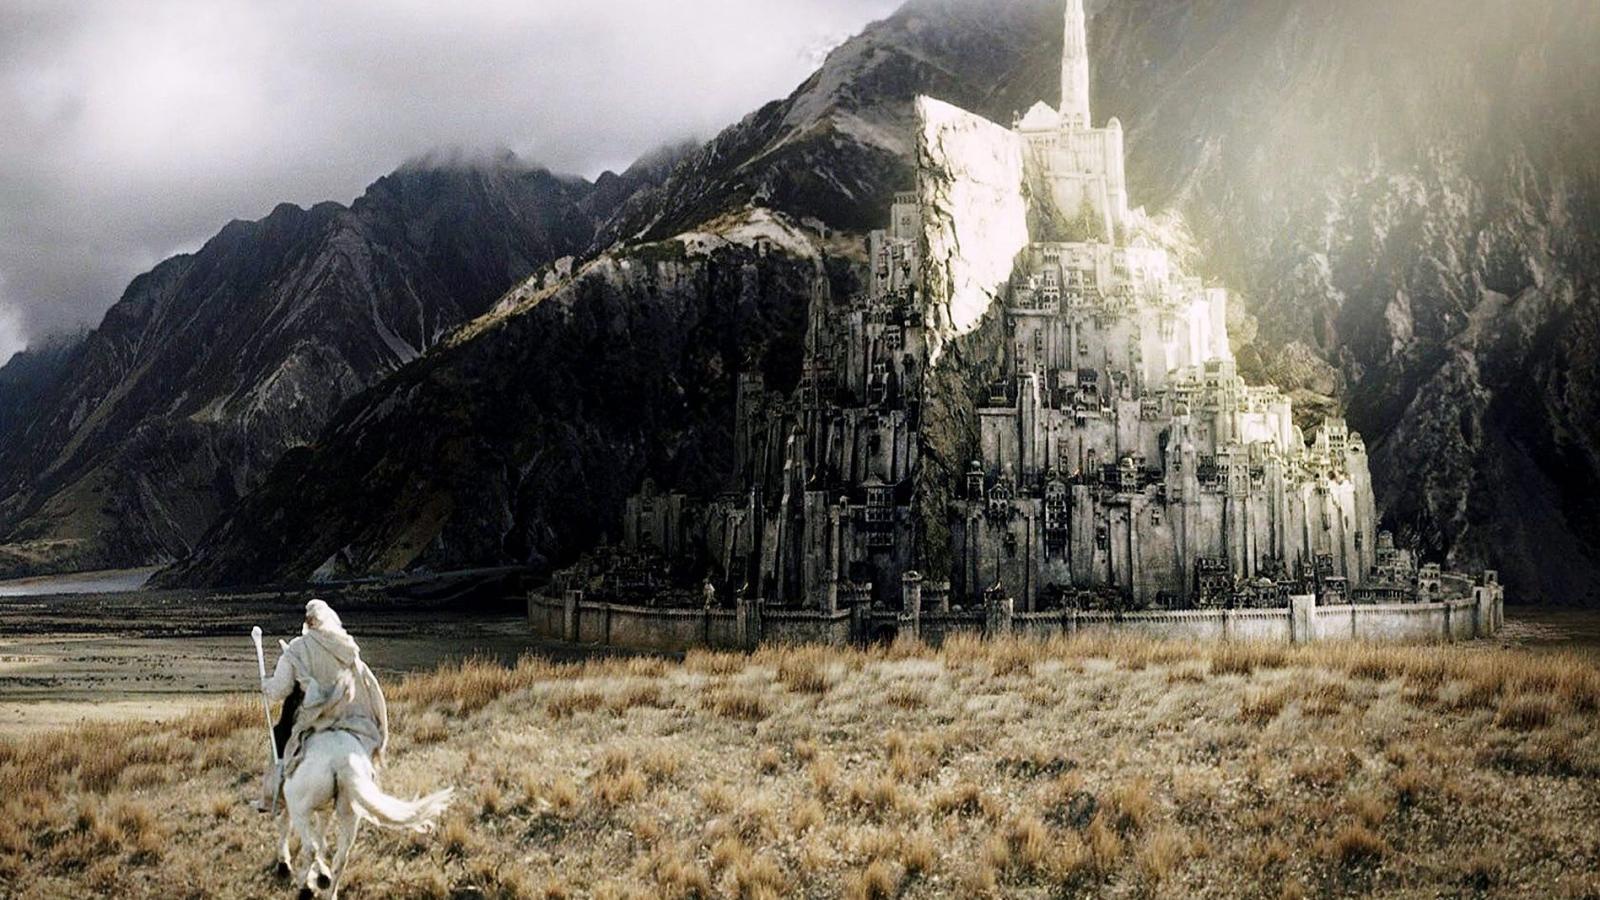 Il Signore degli Anelli: come ha segnato la storia del cinema 5